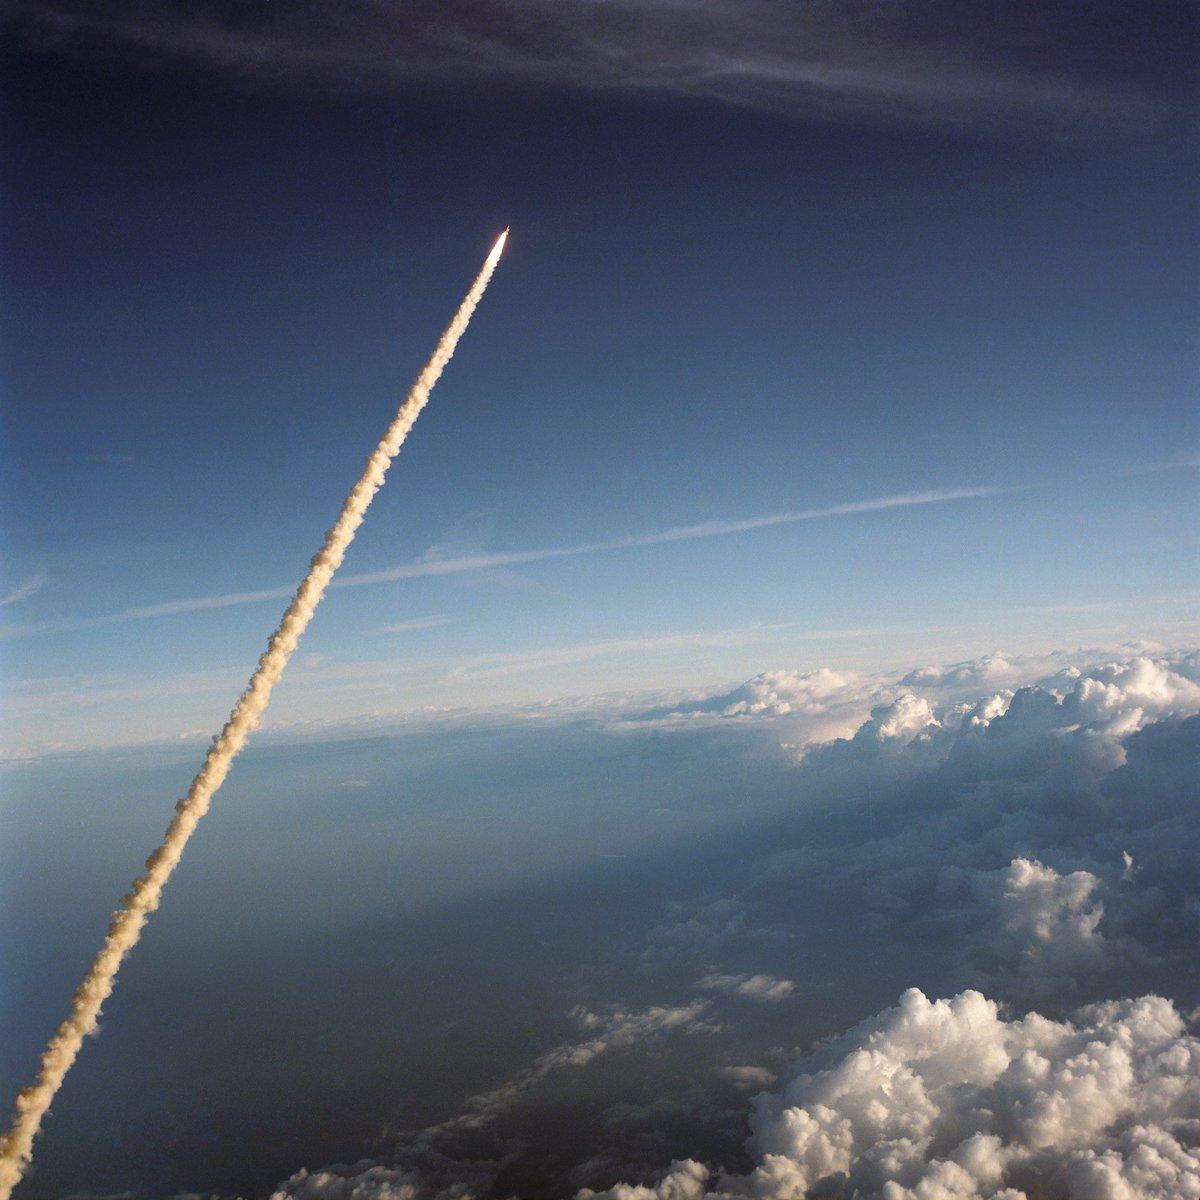 Oggi, 35 anni fa, l'esplosione al decollo dello shuttle #Challenger, la tragica fine dell'età dell'innocenza dell'America reaganiana (cit. Ben Lerner) #NASA. Le parole del presidente alla nazione:  @RSInews